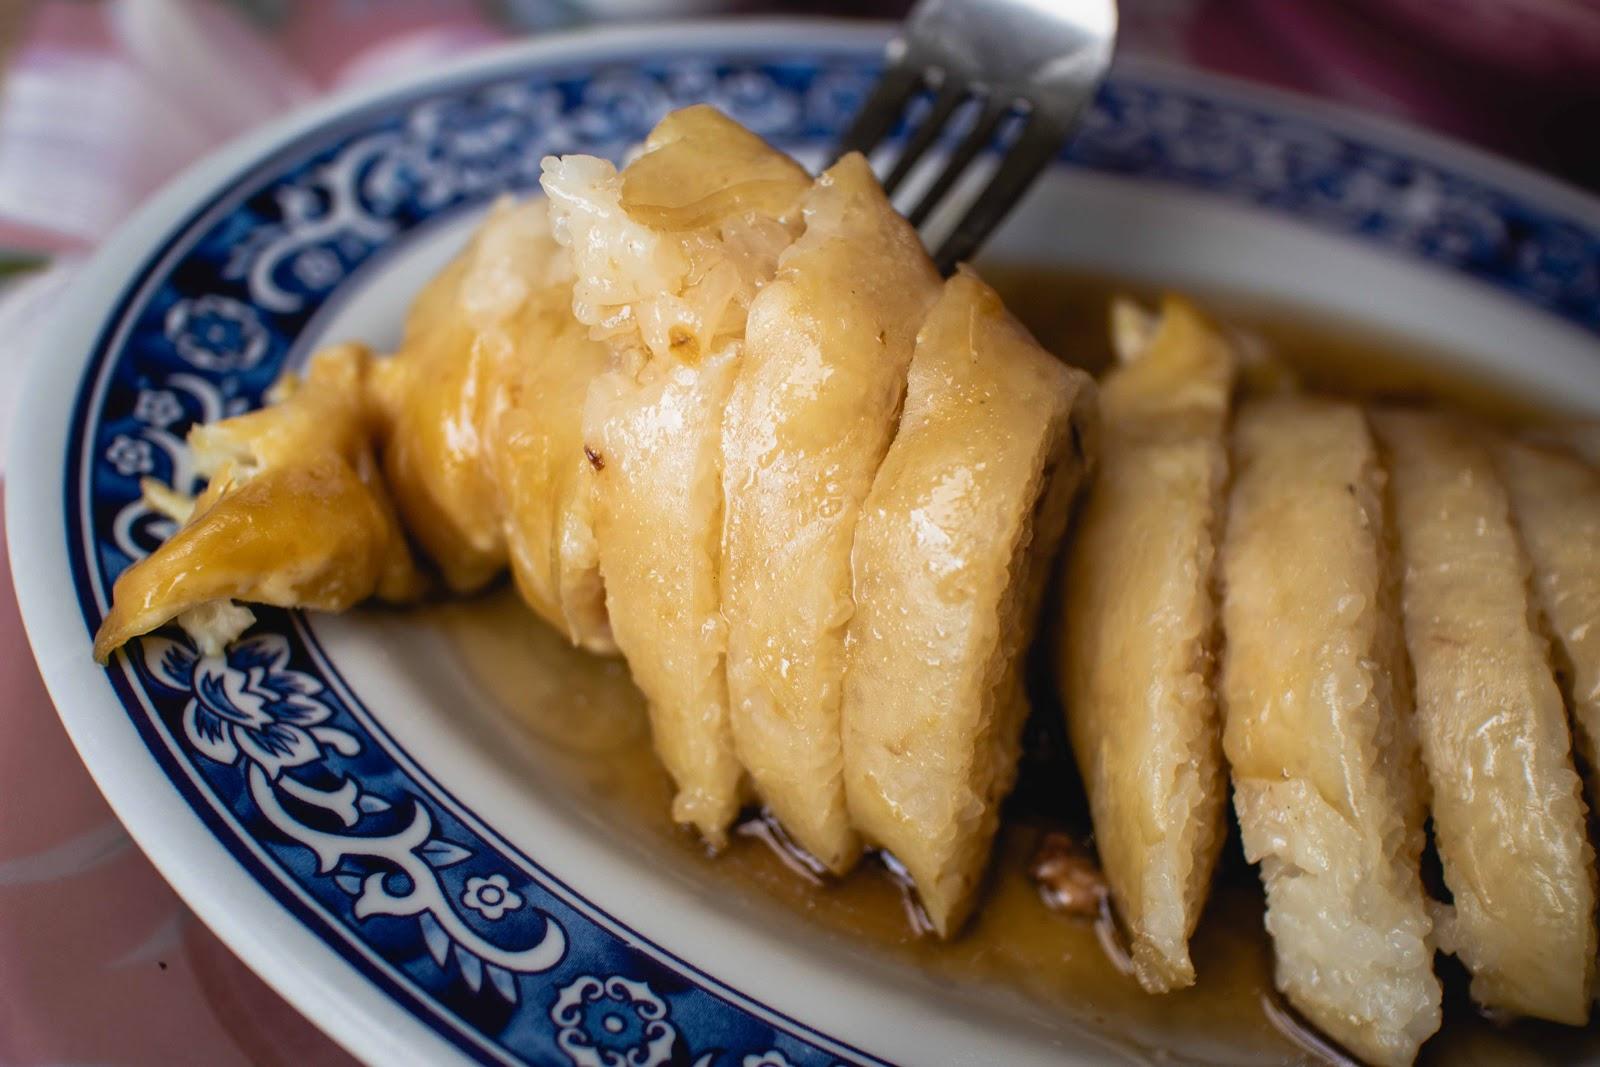 臺南小吃【鎮傳四神湯】中西區美食!赤崁樓前50年小吃老店!筋肉湯碗粿米腸都是人氣品項!